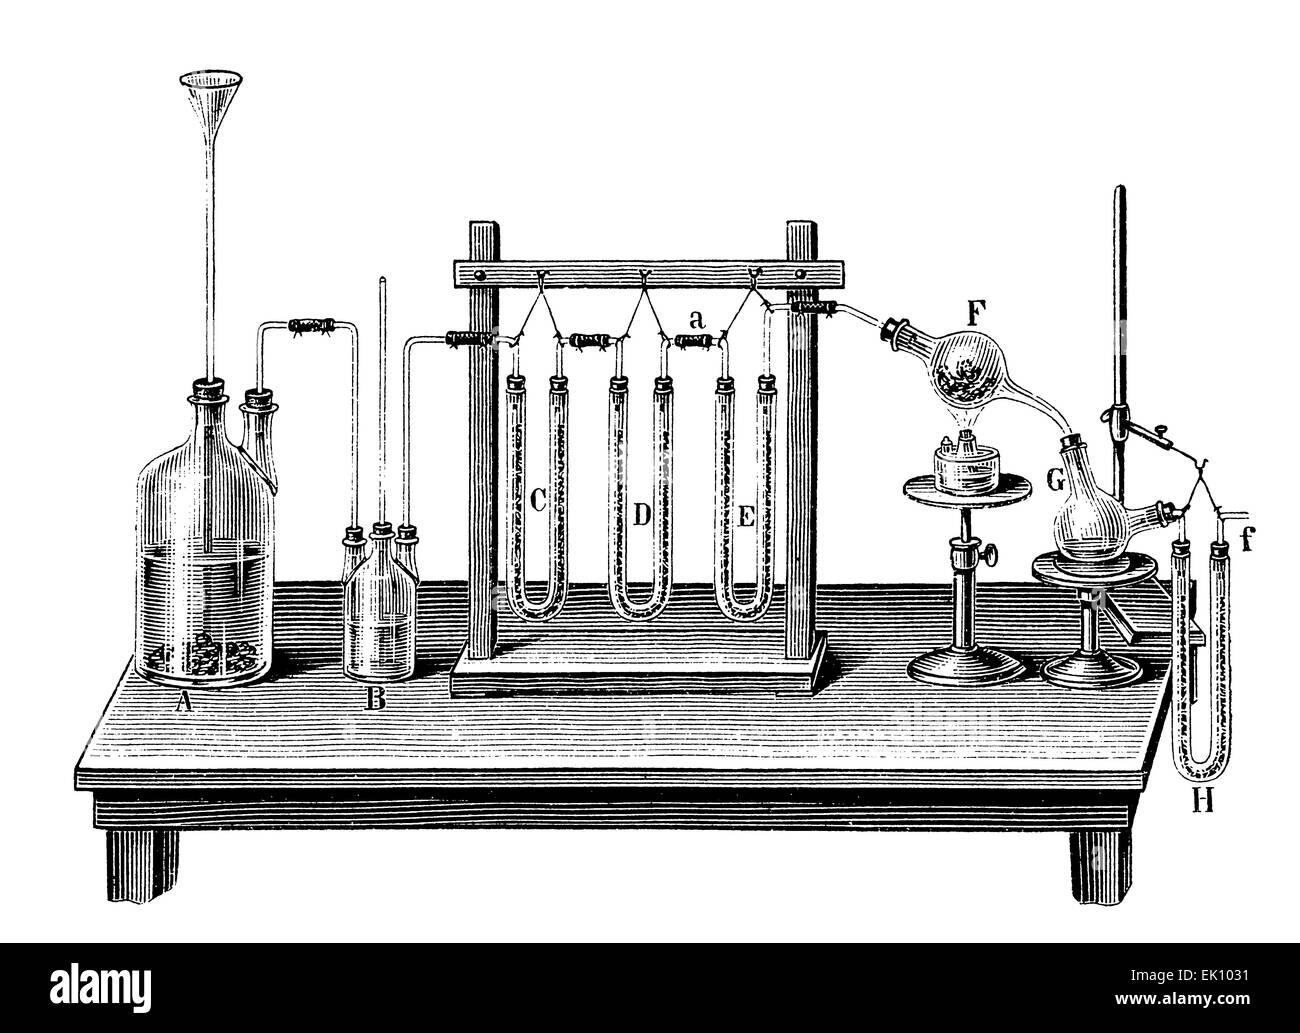 ¿Por qué hacerlo sencillo cuando complicado es más divertido? Este artilugio fue concebida para demostrar la composición química exacta de agua. En las dos botellas a la izquierda el hidrógeno es producido por la oxidación de bits de zinc en la parte inferior de una botella; ninguna mención del frasco B o su función en el texto (decoración? Filtro?); los tres tubos en forma de U y filtrada exiccated el hidrógeno que luego se ejecuta a través de óxido de cobre caliente en el globo F, y el agua resultante se recogió en el matraz G. El último U-pipe recogerá cualquier posible escapó de vapor de agua. Foto de stock